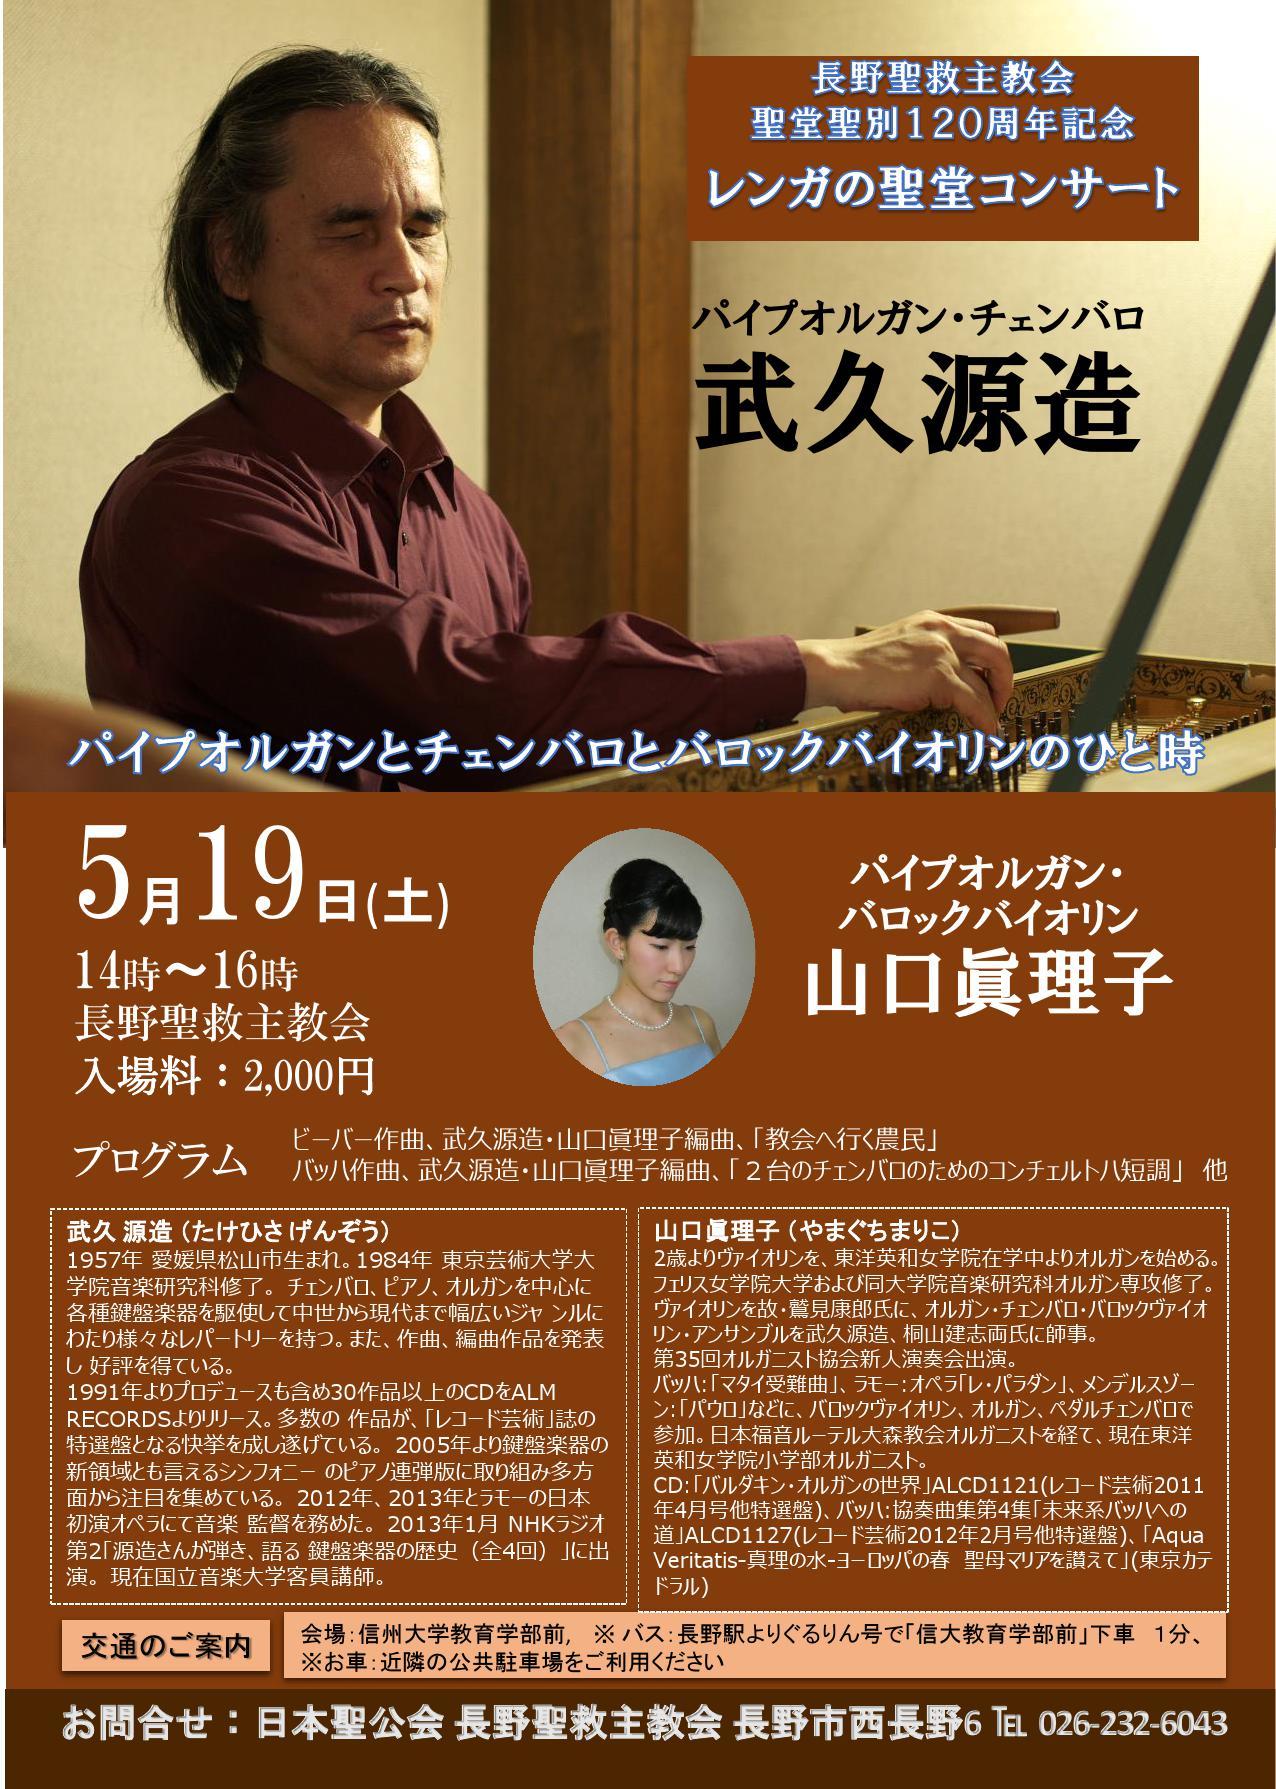 レンガの聖堂コンサート2018★_000001